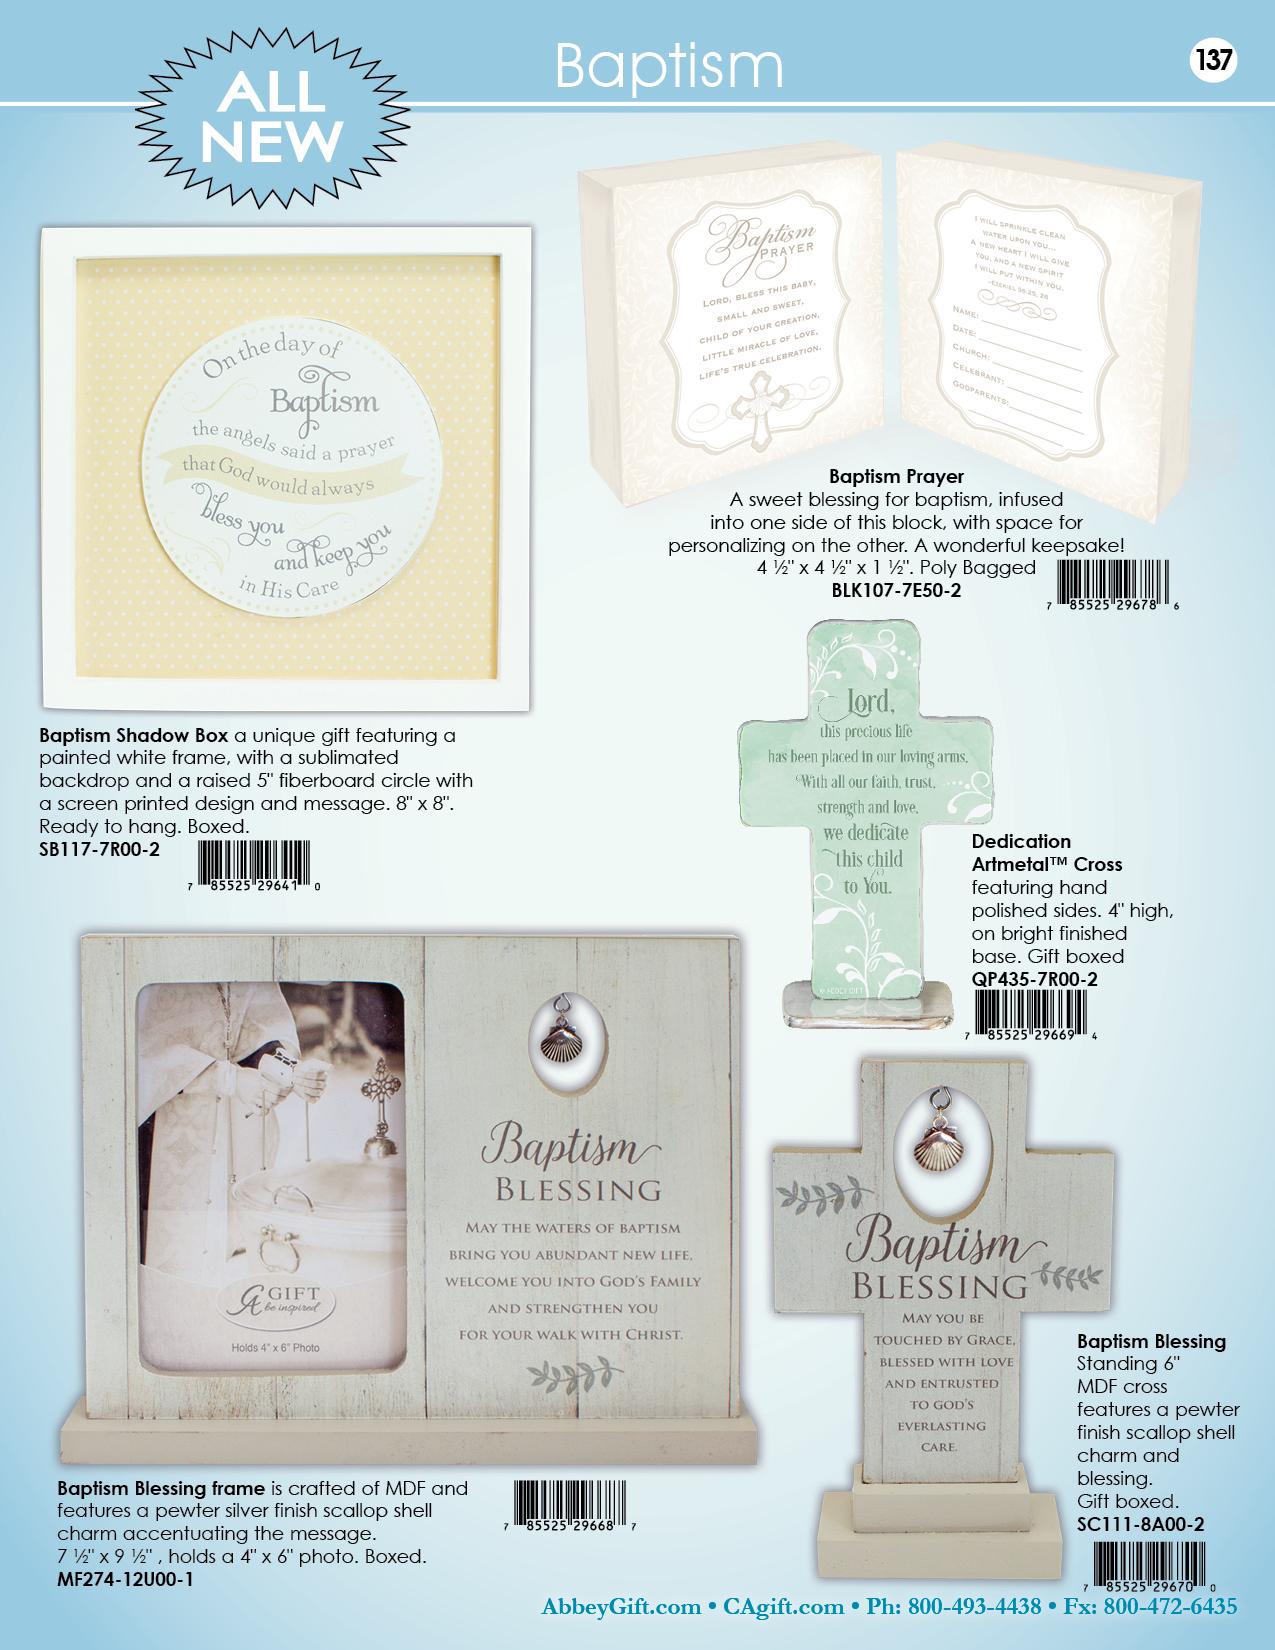 2019 Abbey CA Gift Catalog 137